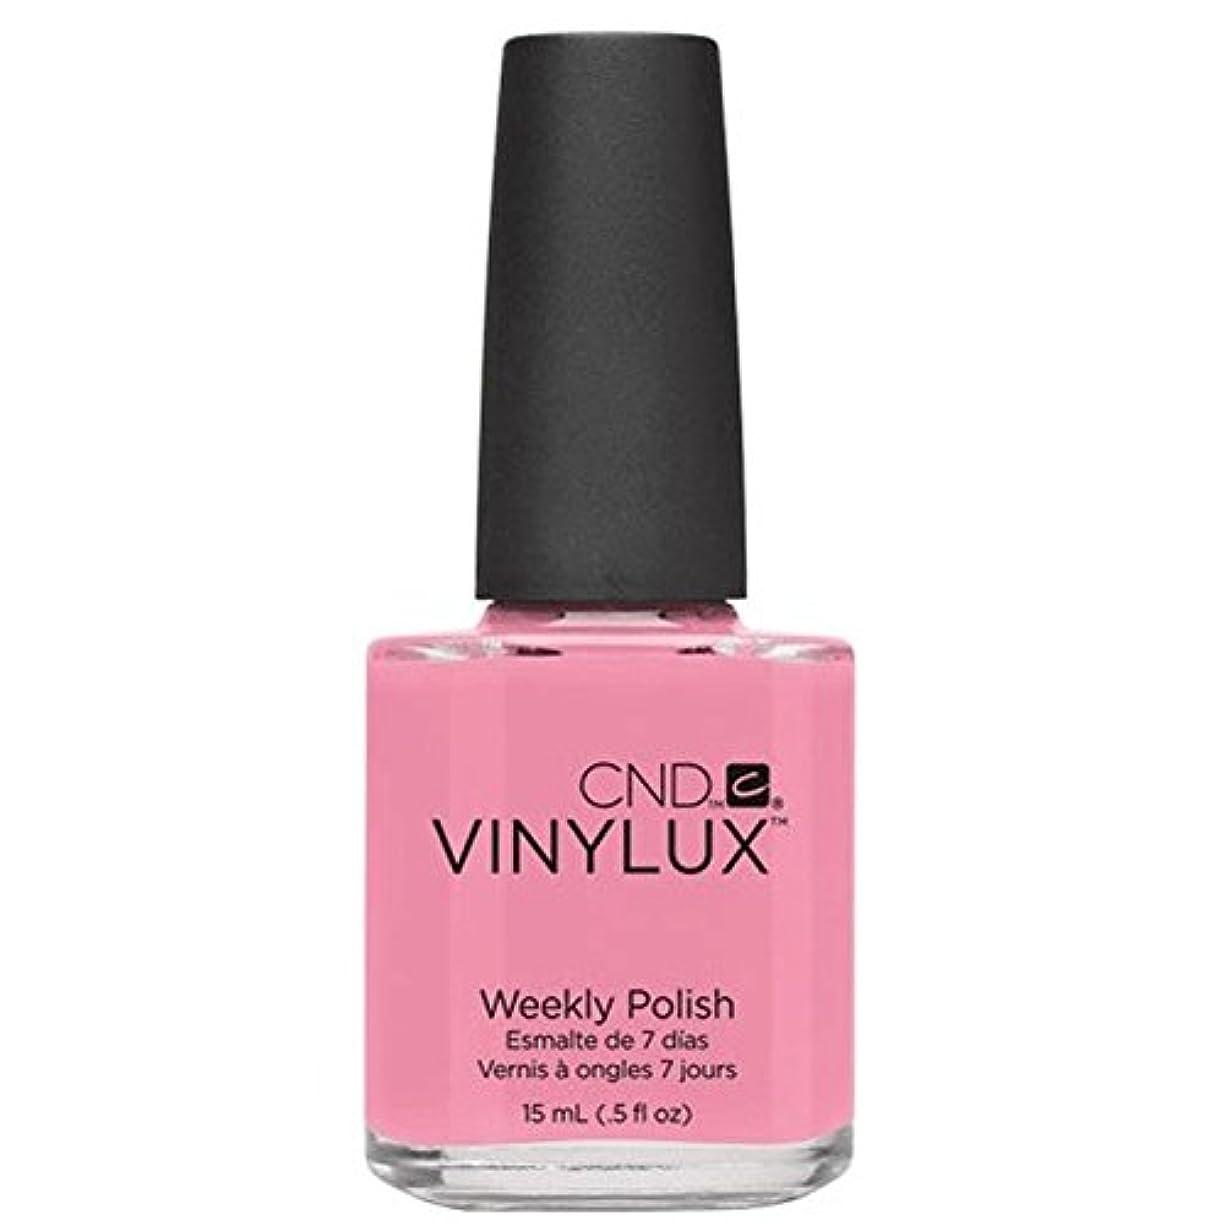 を必要としています台風慈悲CND Vinylux Manicure Lacquer _  Stawberry Smoothie #150_15ml (0.5oz)